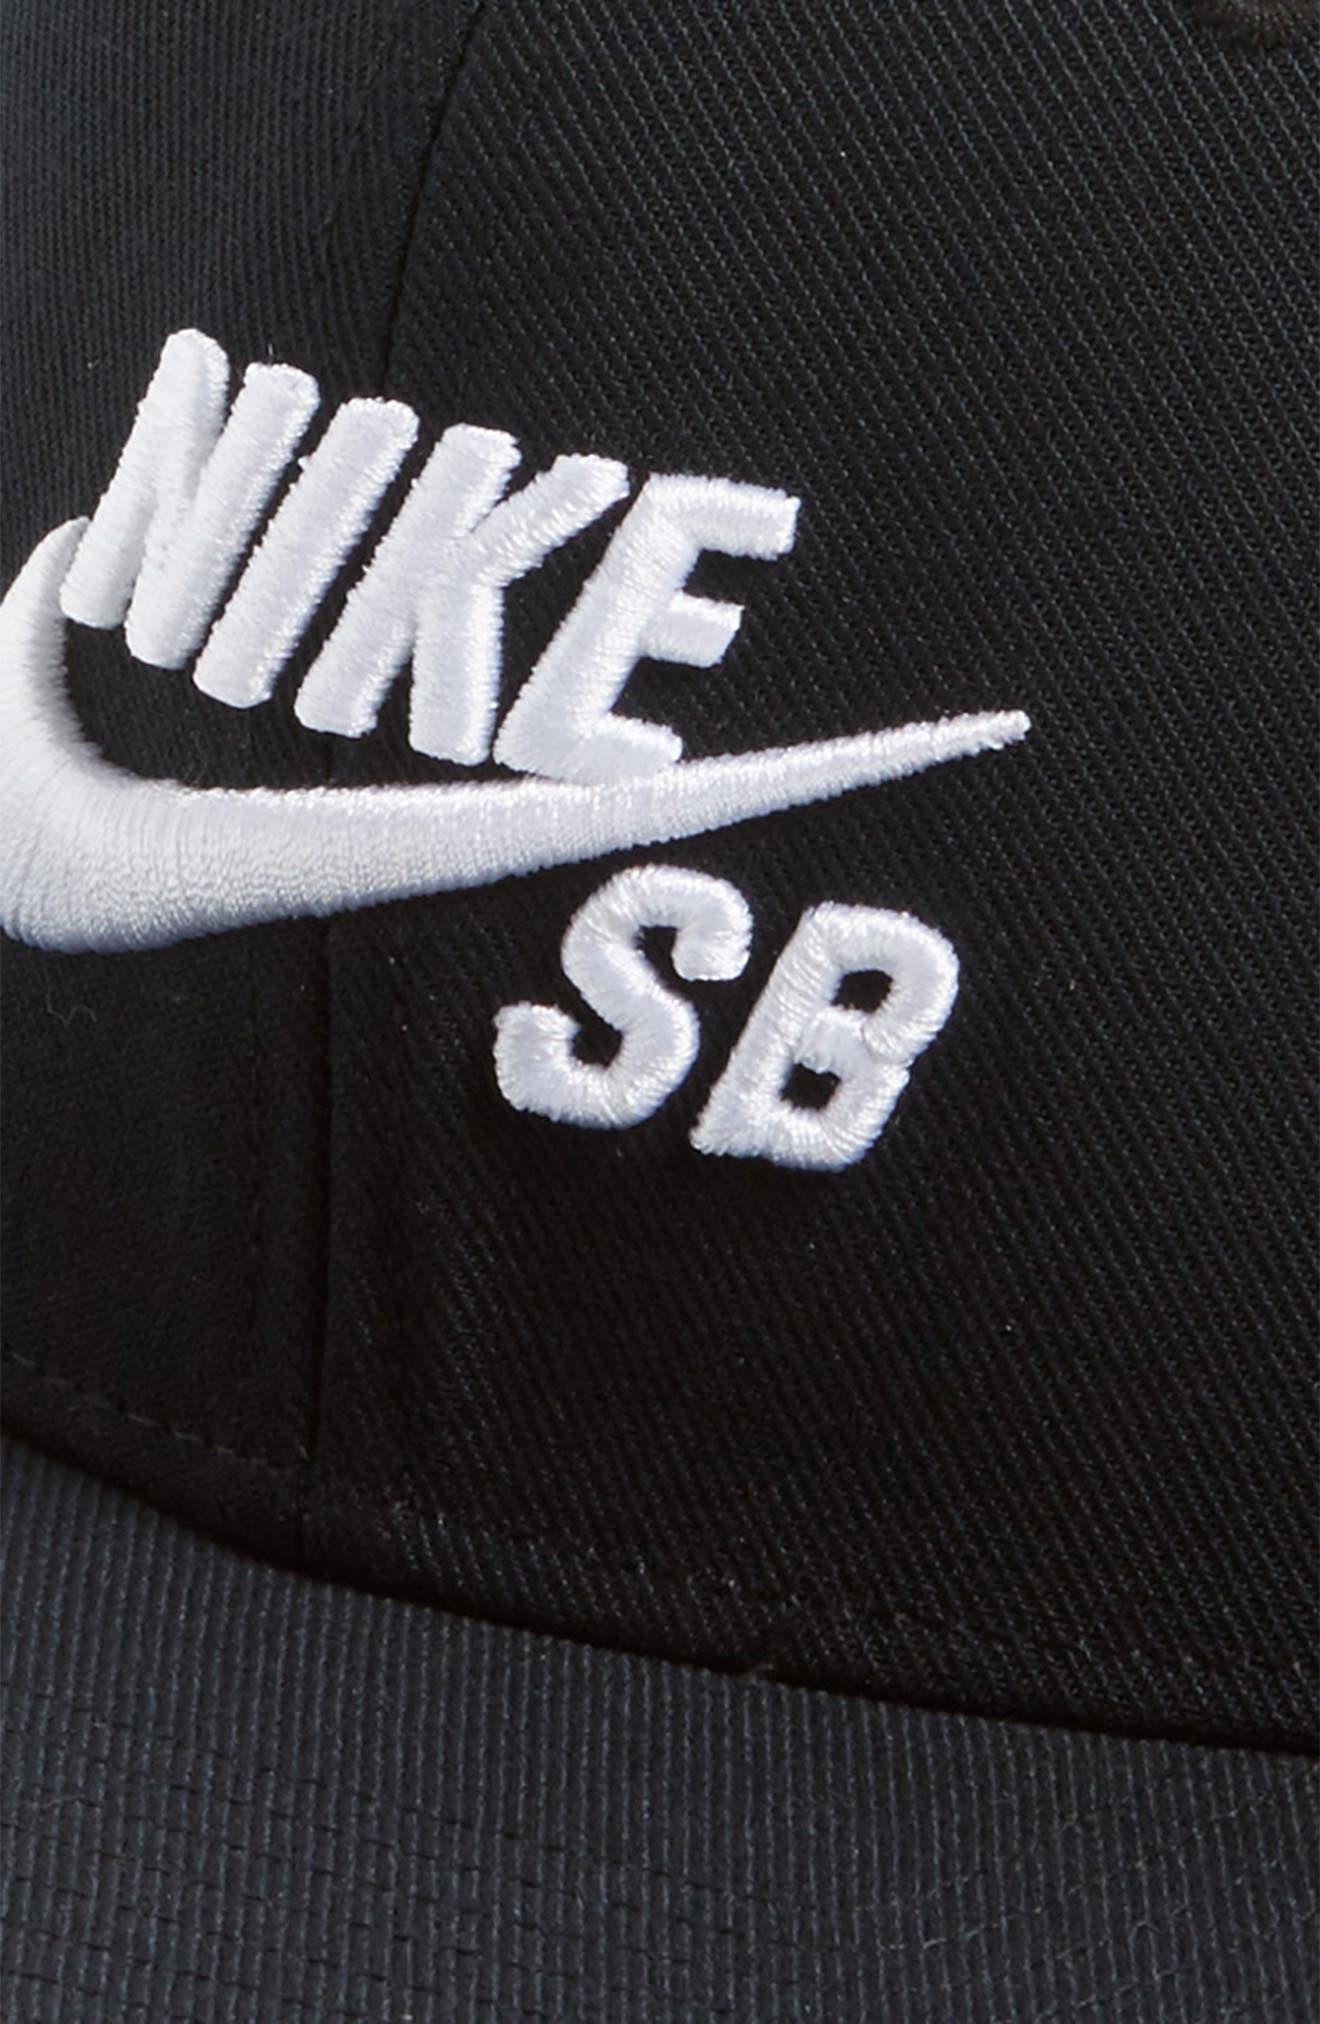 Nike Pro Snapback Baseball Cap,                             Alternate thumbnail 3, color,                             Black/ Black/ Black/ White